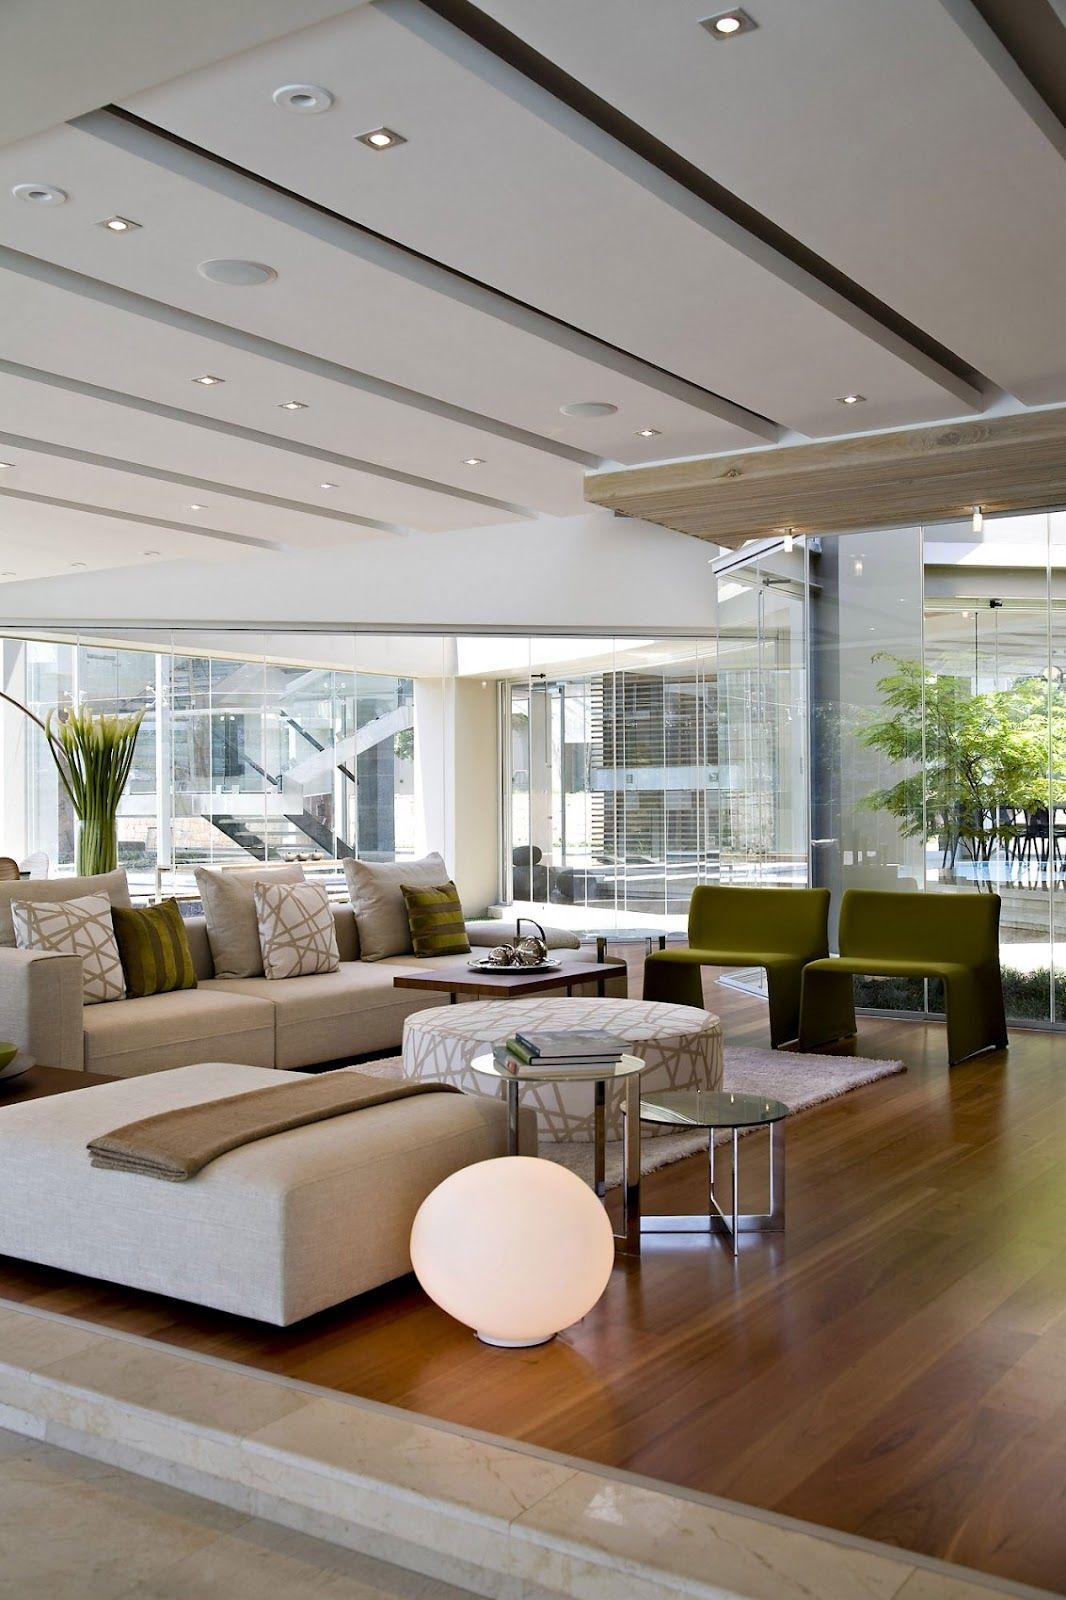 die besten 25 gr ne wohnzimmerm bel ideen auf pinterest gr ne wohnzimmer sofas gr ne ideen. Black Bedroom Furniture Sets. Home Design Ideas